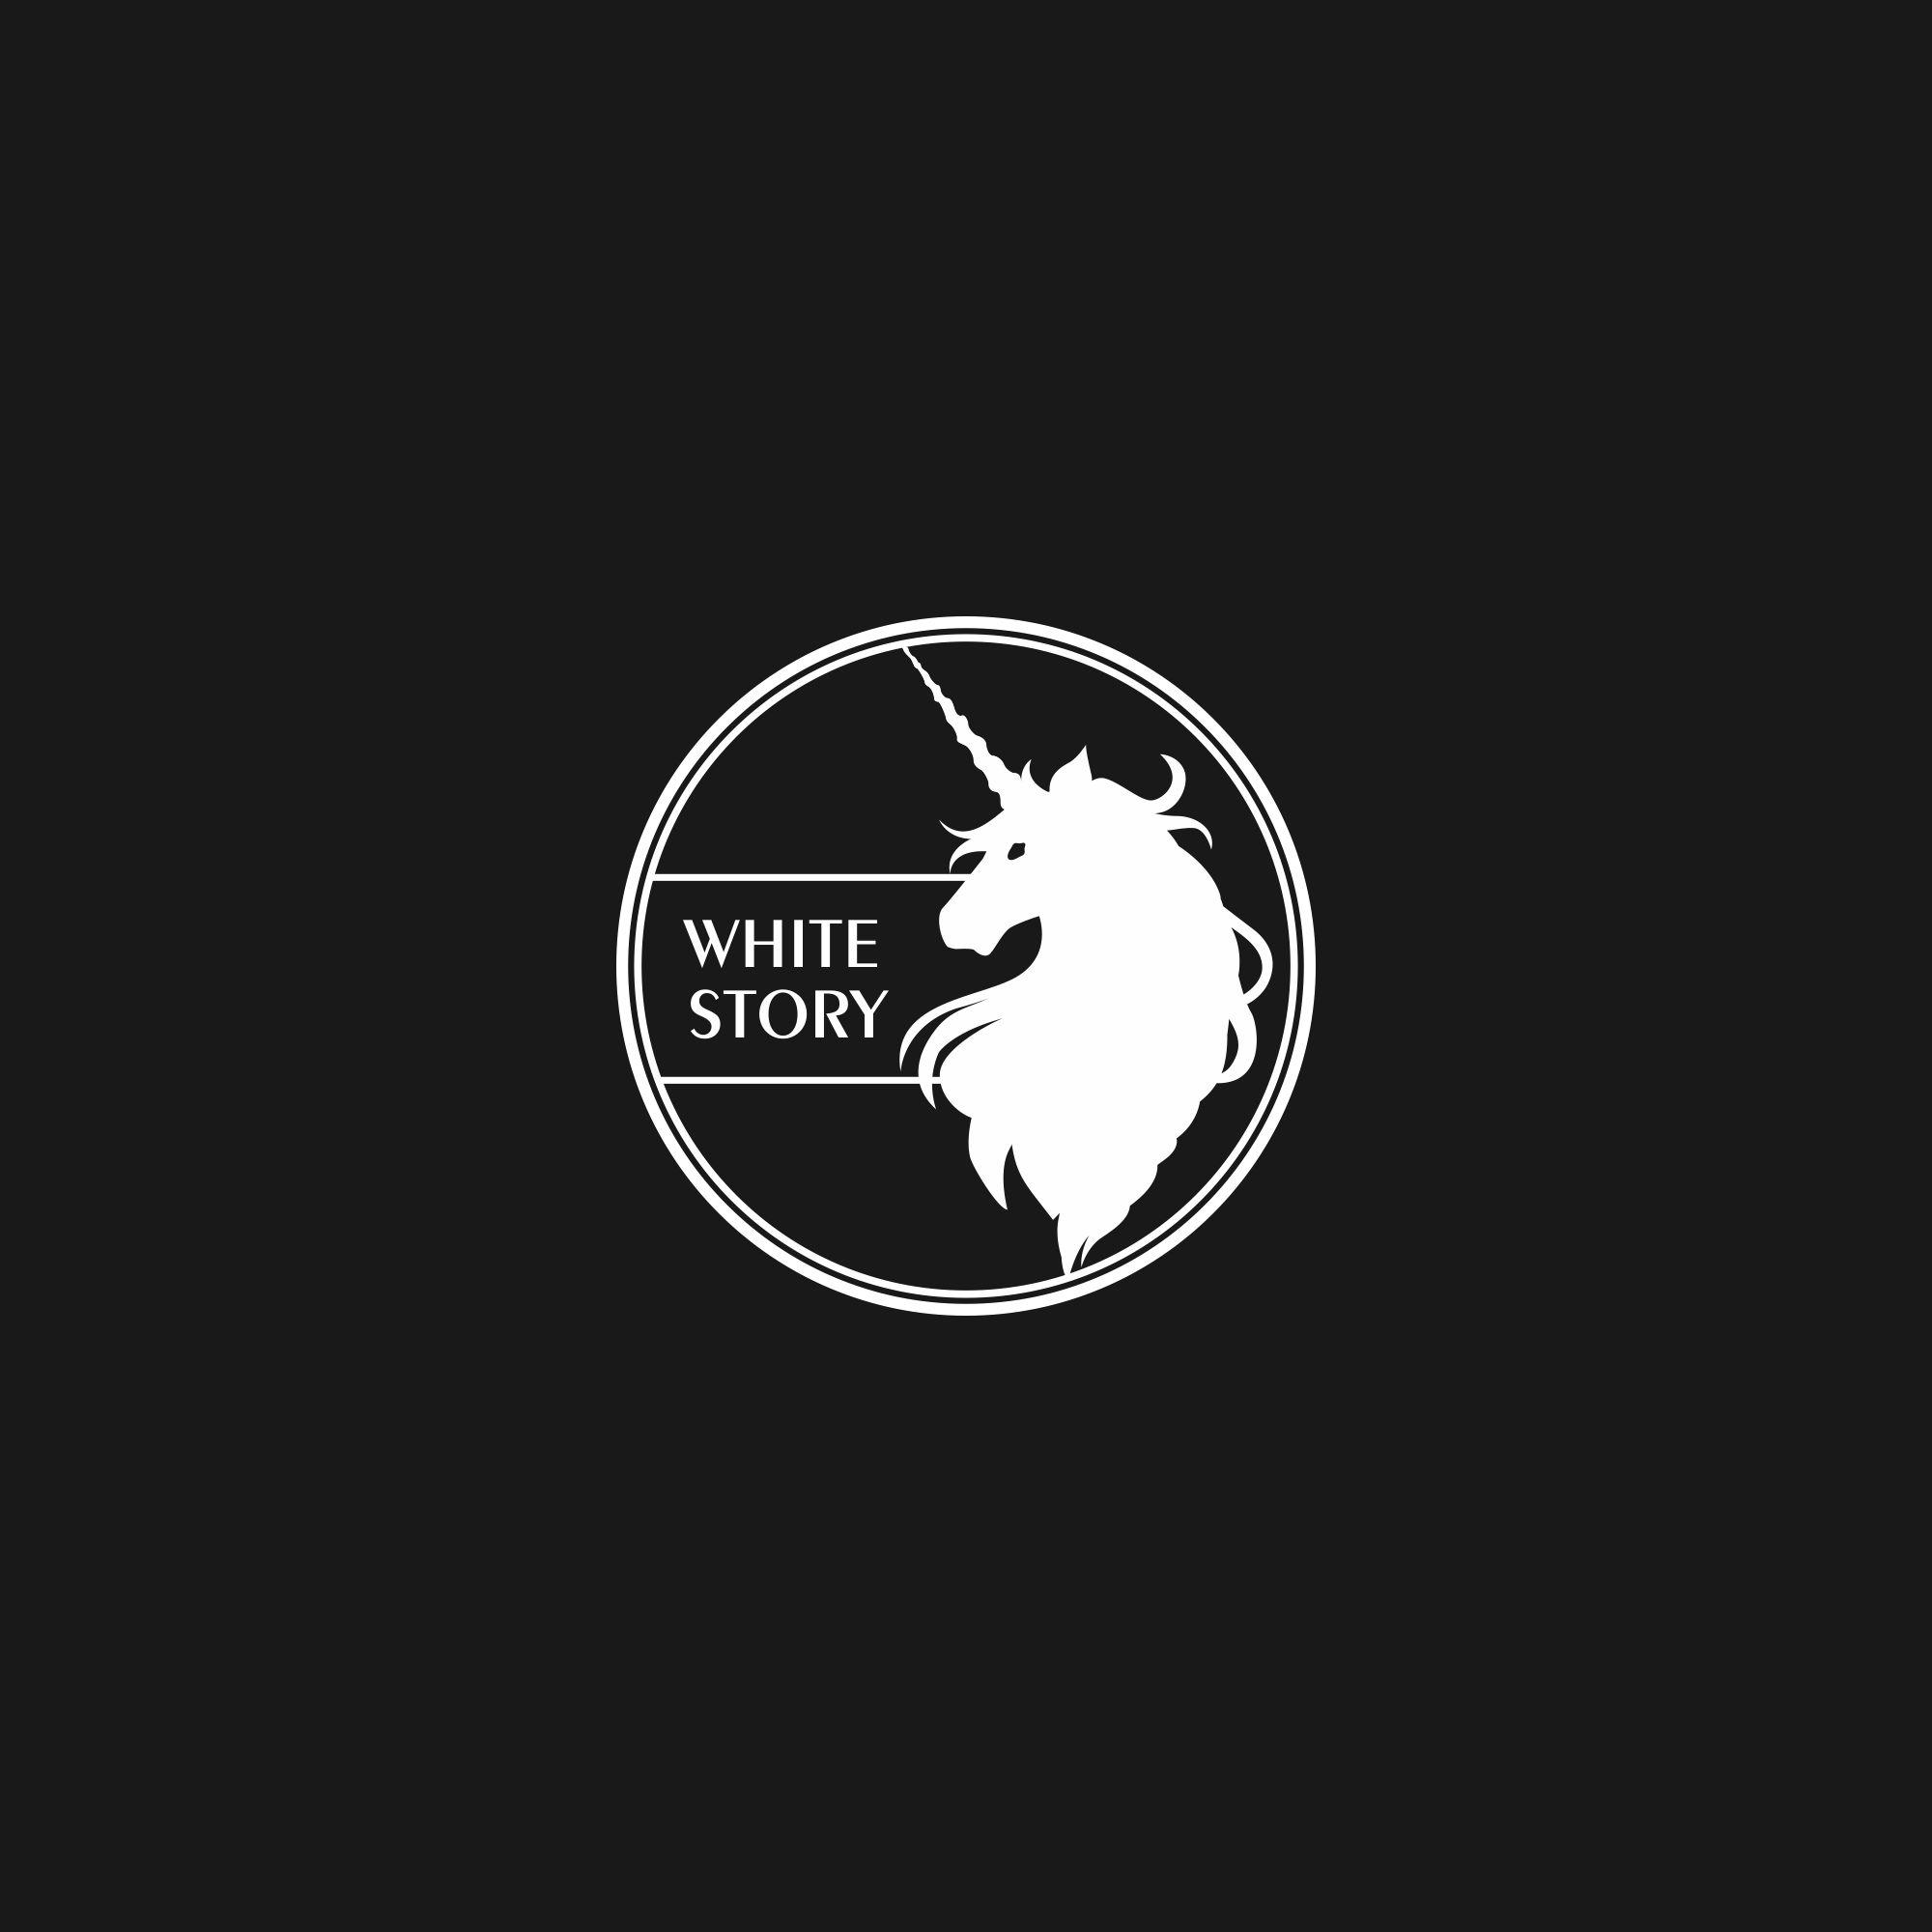 Логотип для Логотип для Фото и Видео продакшена - дизайнер asya_2019